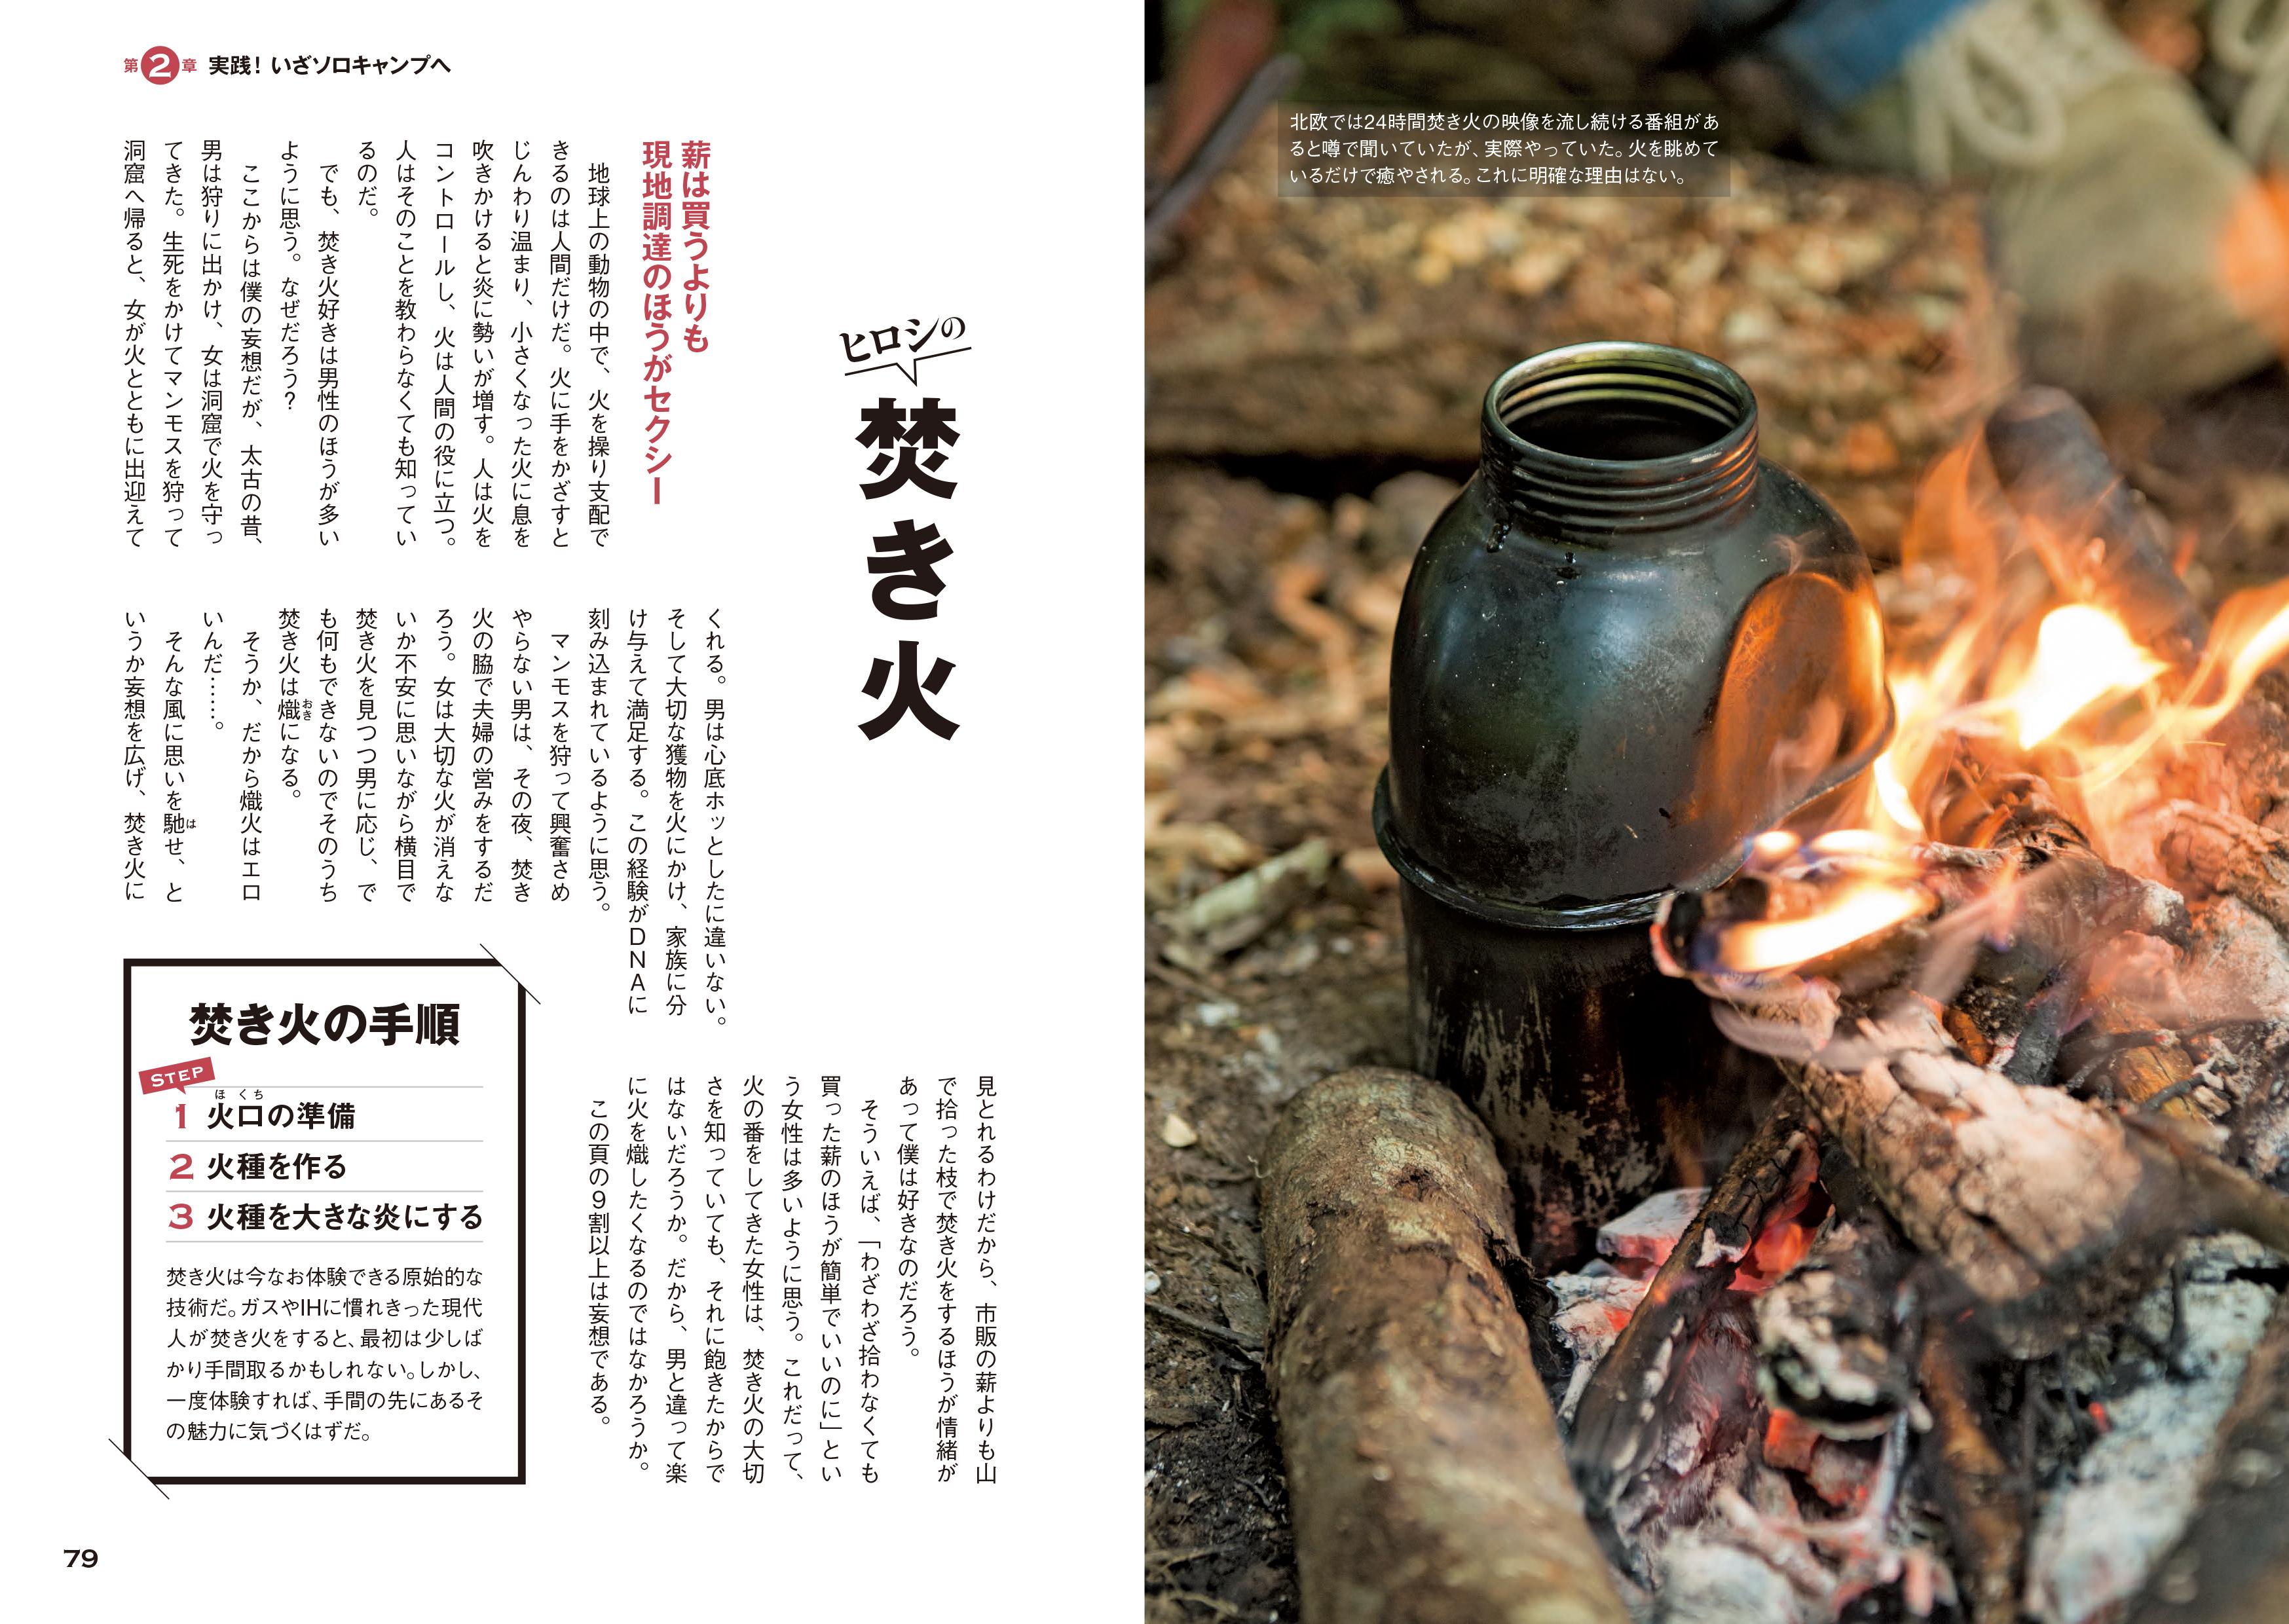 「ライターに頼らない火熾しから始まる焚き火術」紙面